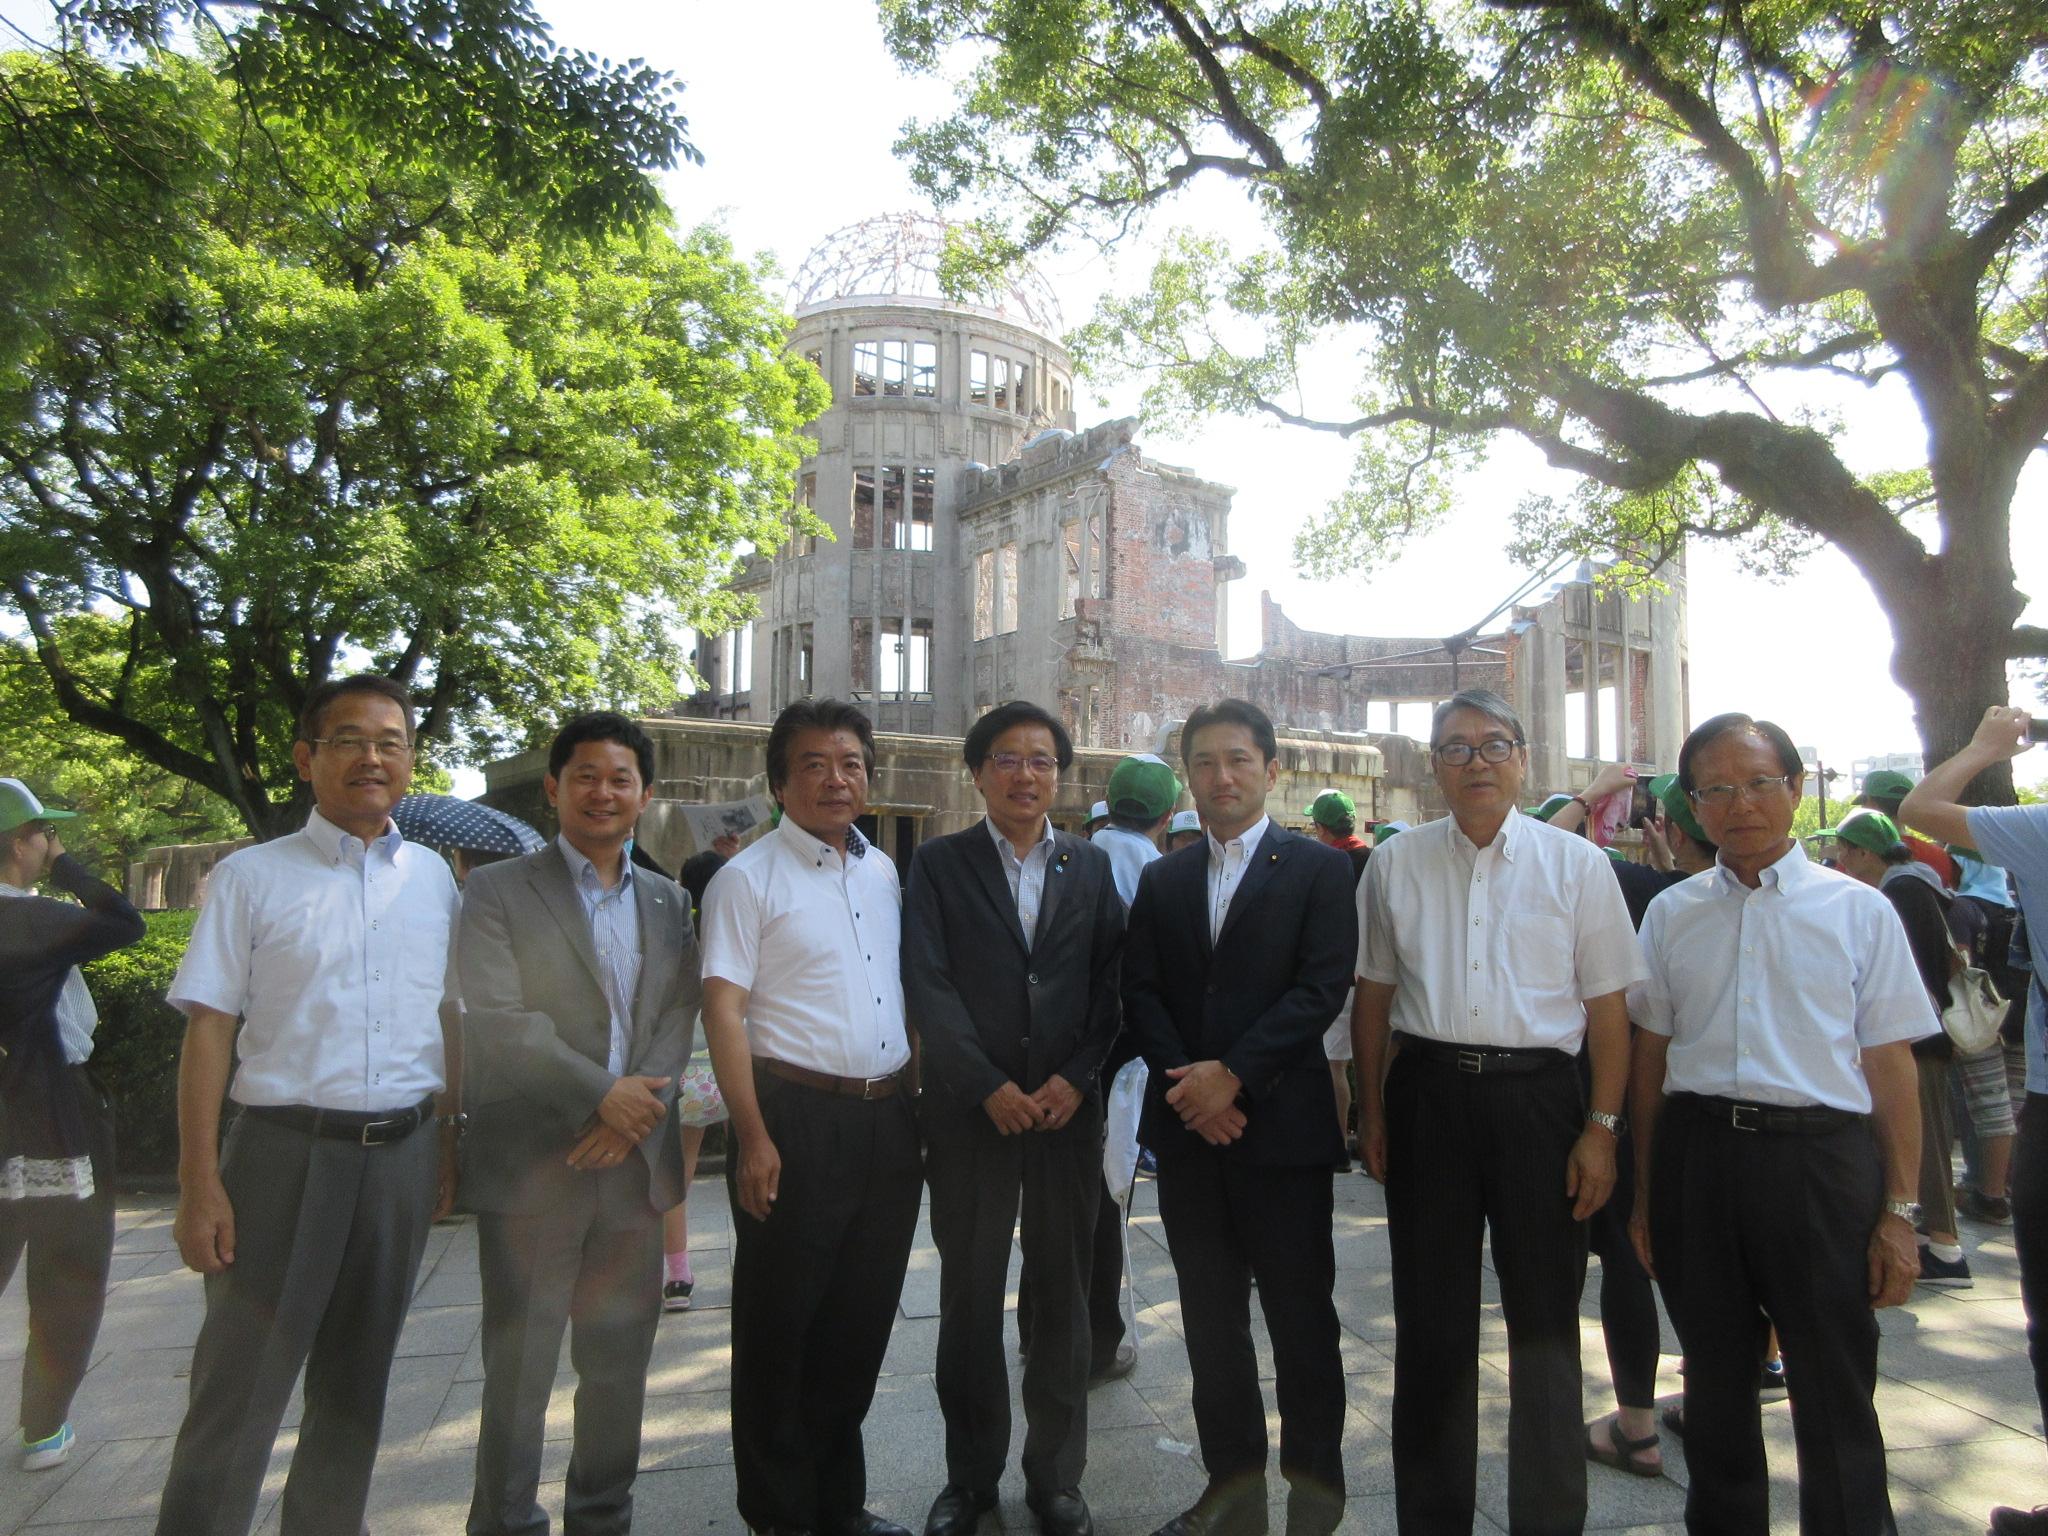 http://www.inoue-satoshi.com/diary/IMG_5797.JPG